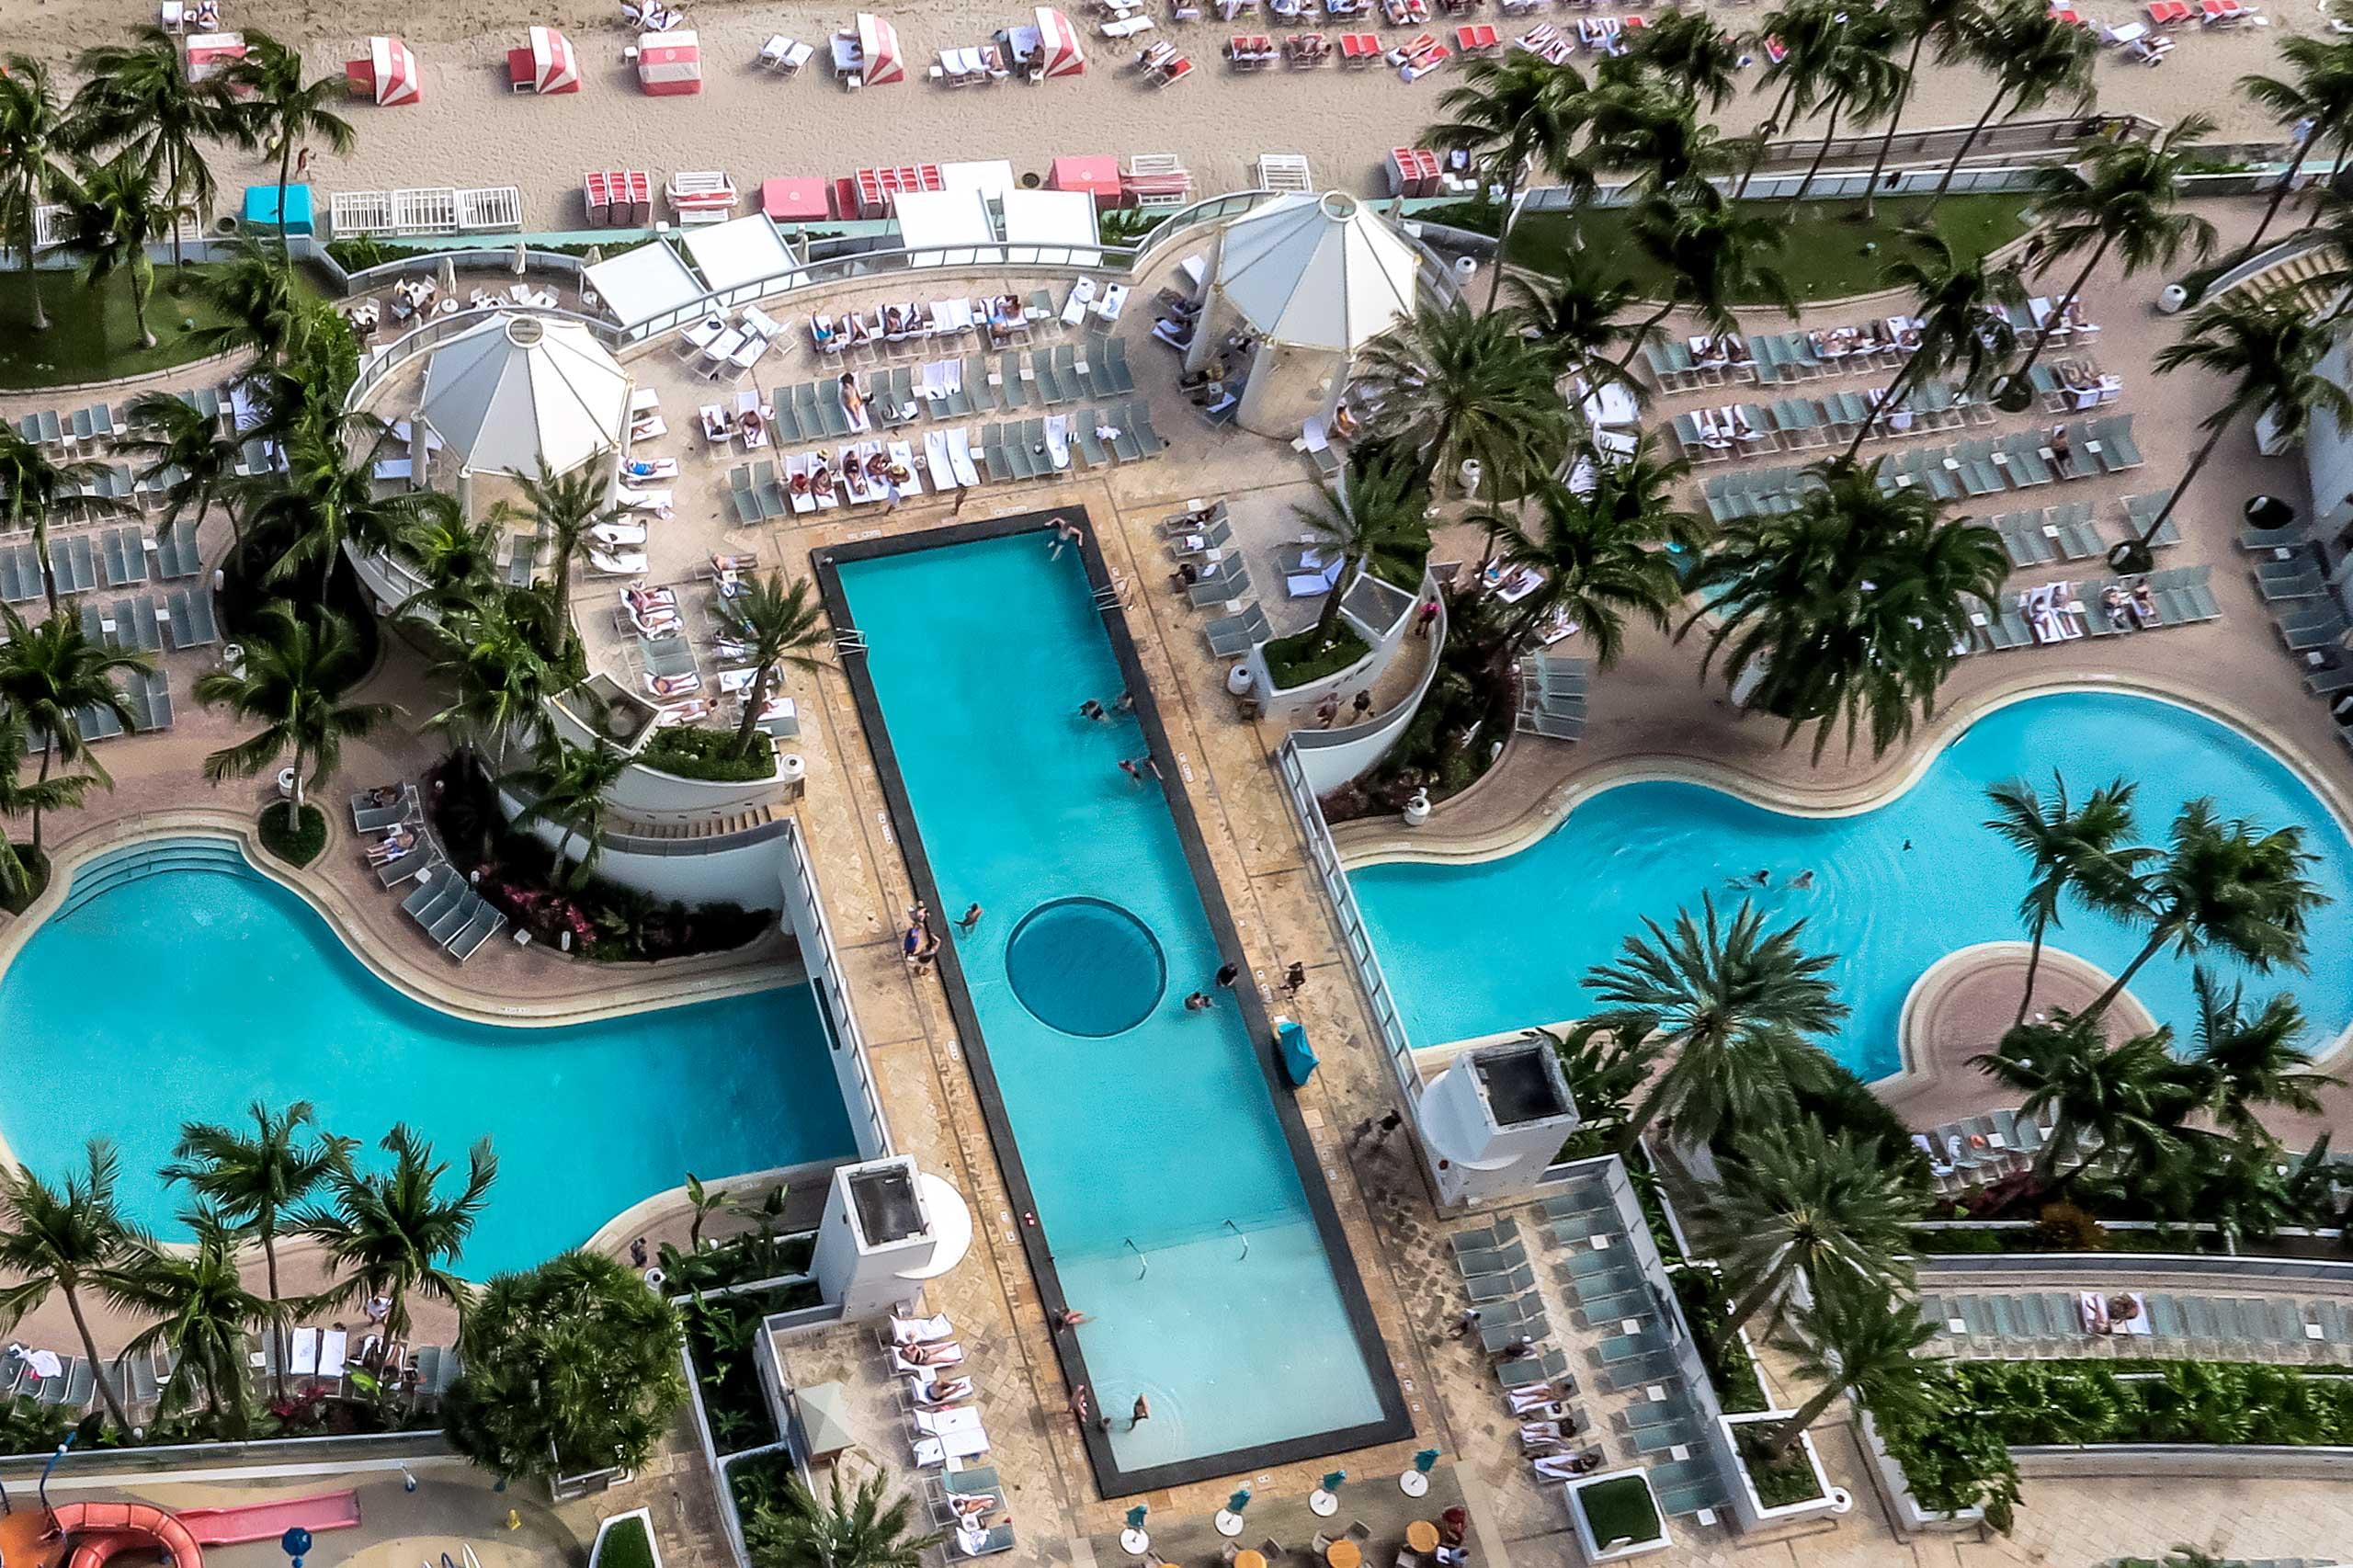 Diplomat Beach Resort pools